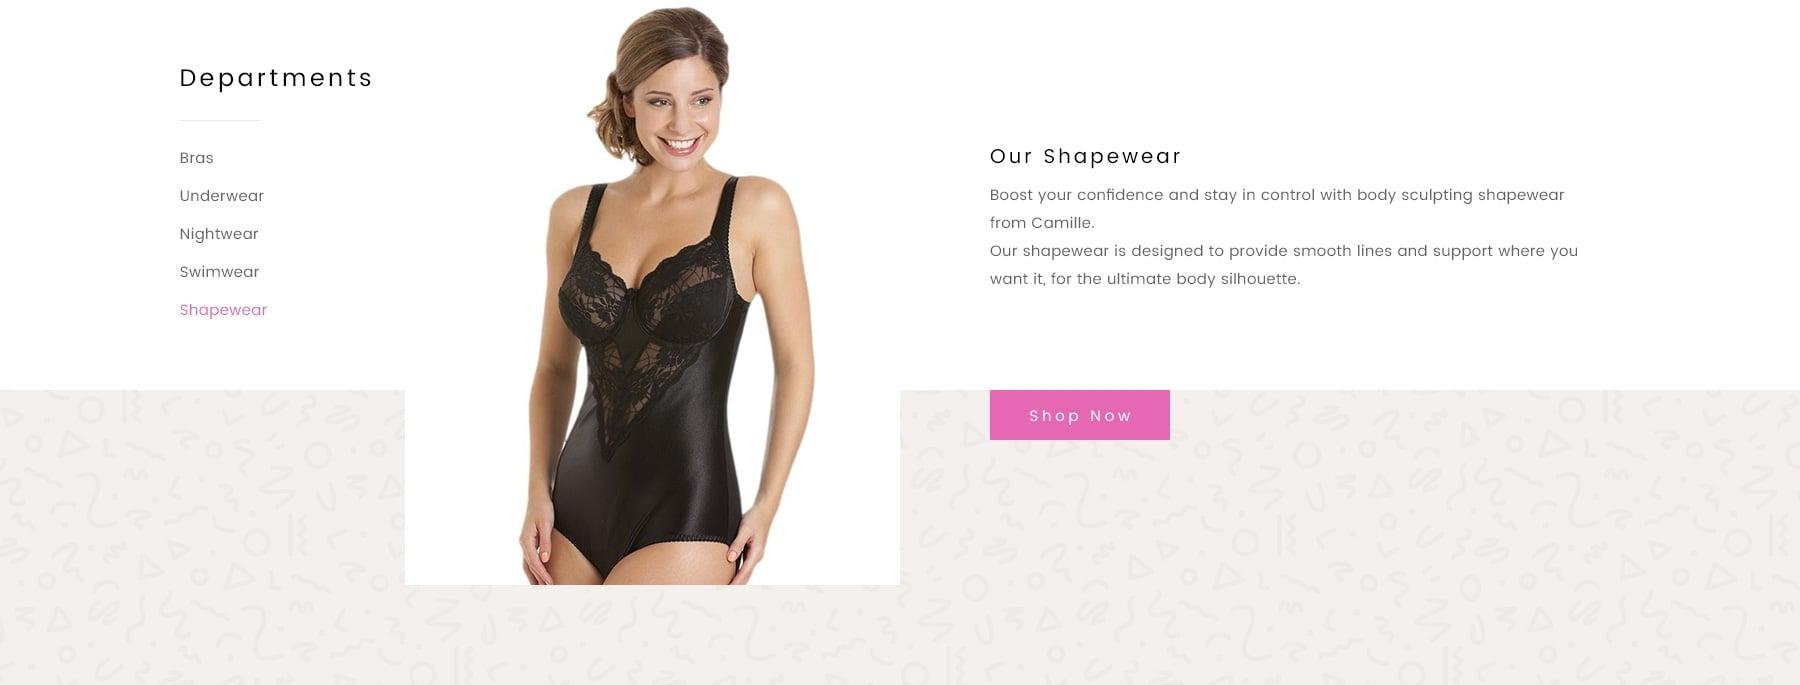 Ladies Nightwear Shapewear Lingerie Camille